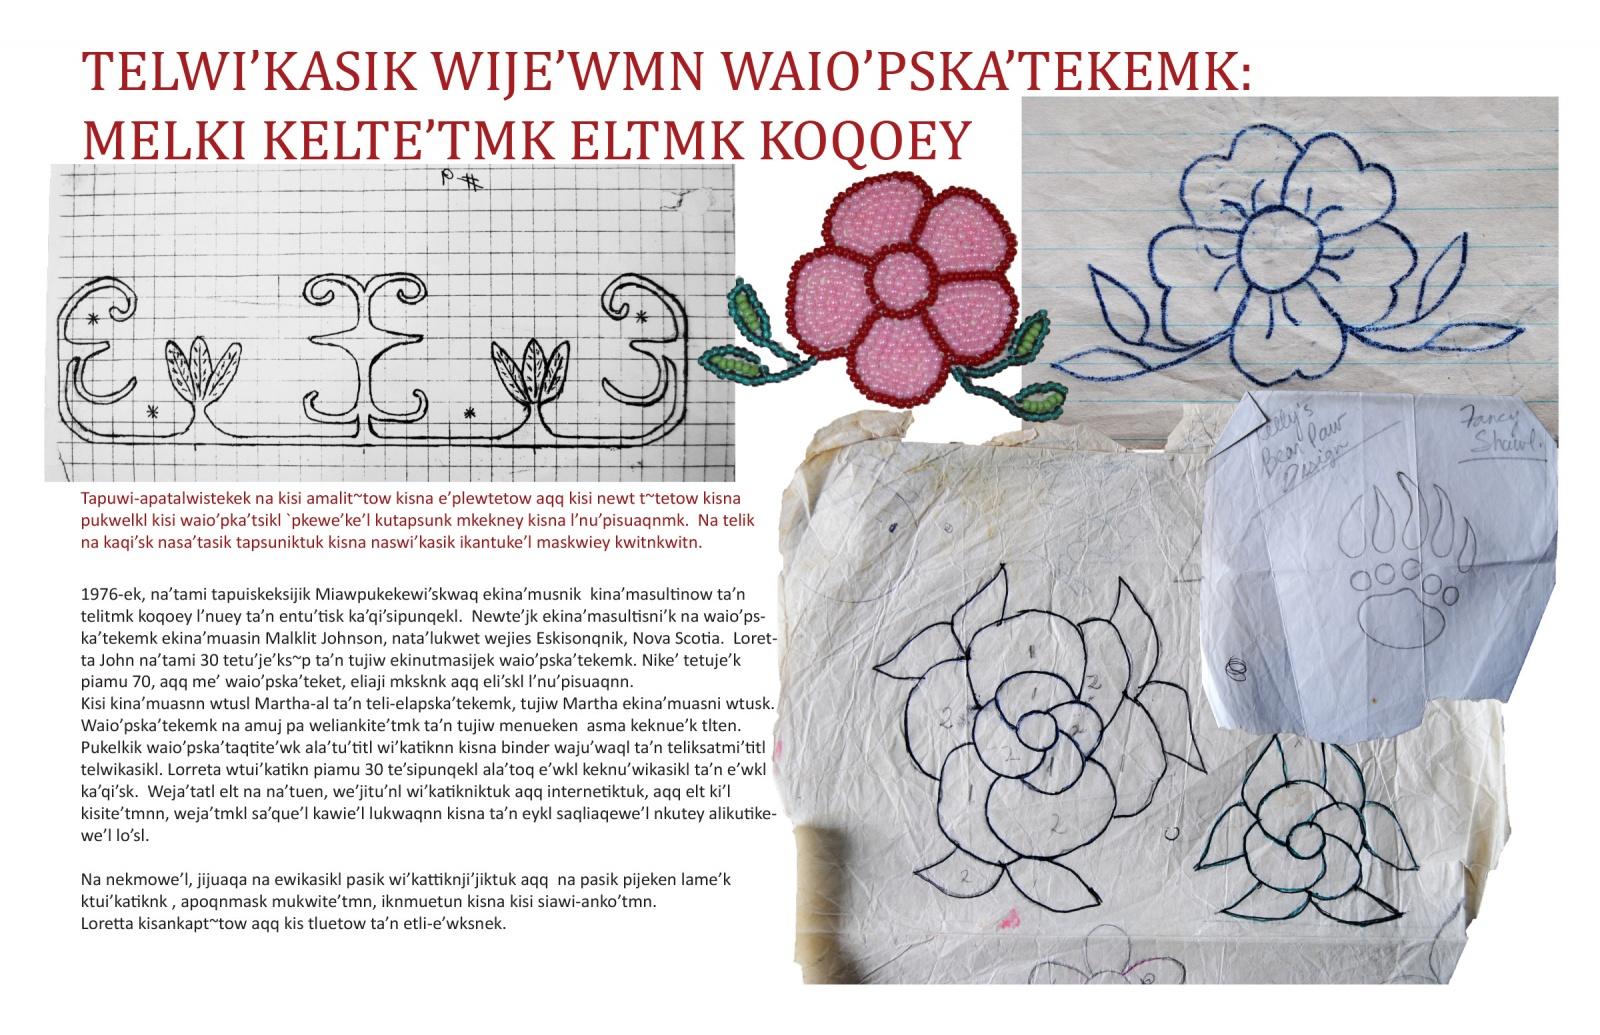 Telwi'kasik Wije'wmn Waio'pska'tekemk: Melki Kelte'tmk Eltmk Koqoey